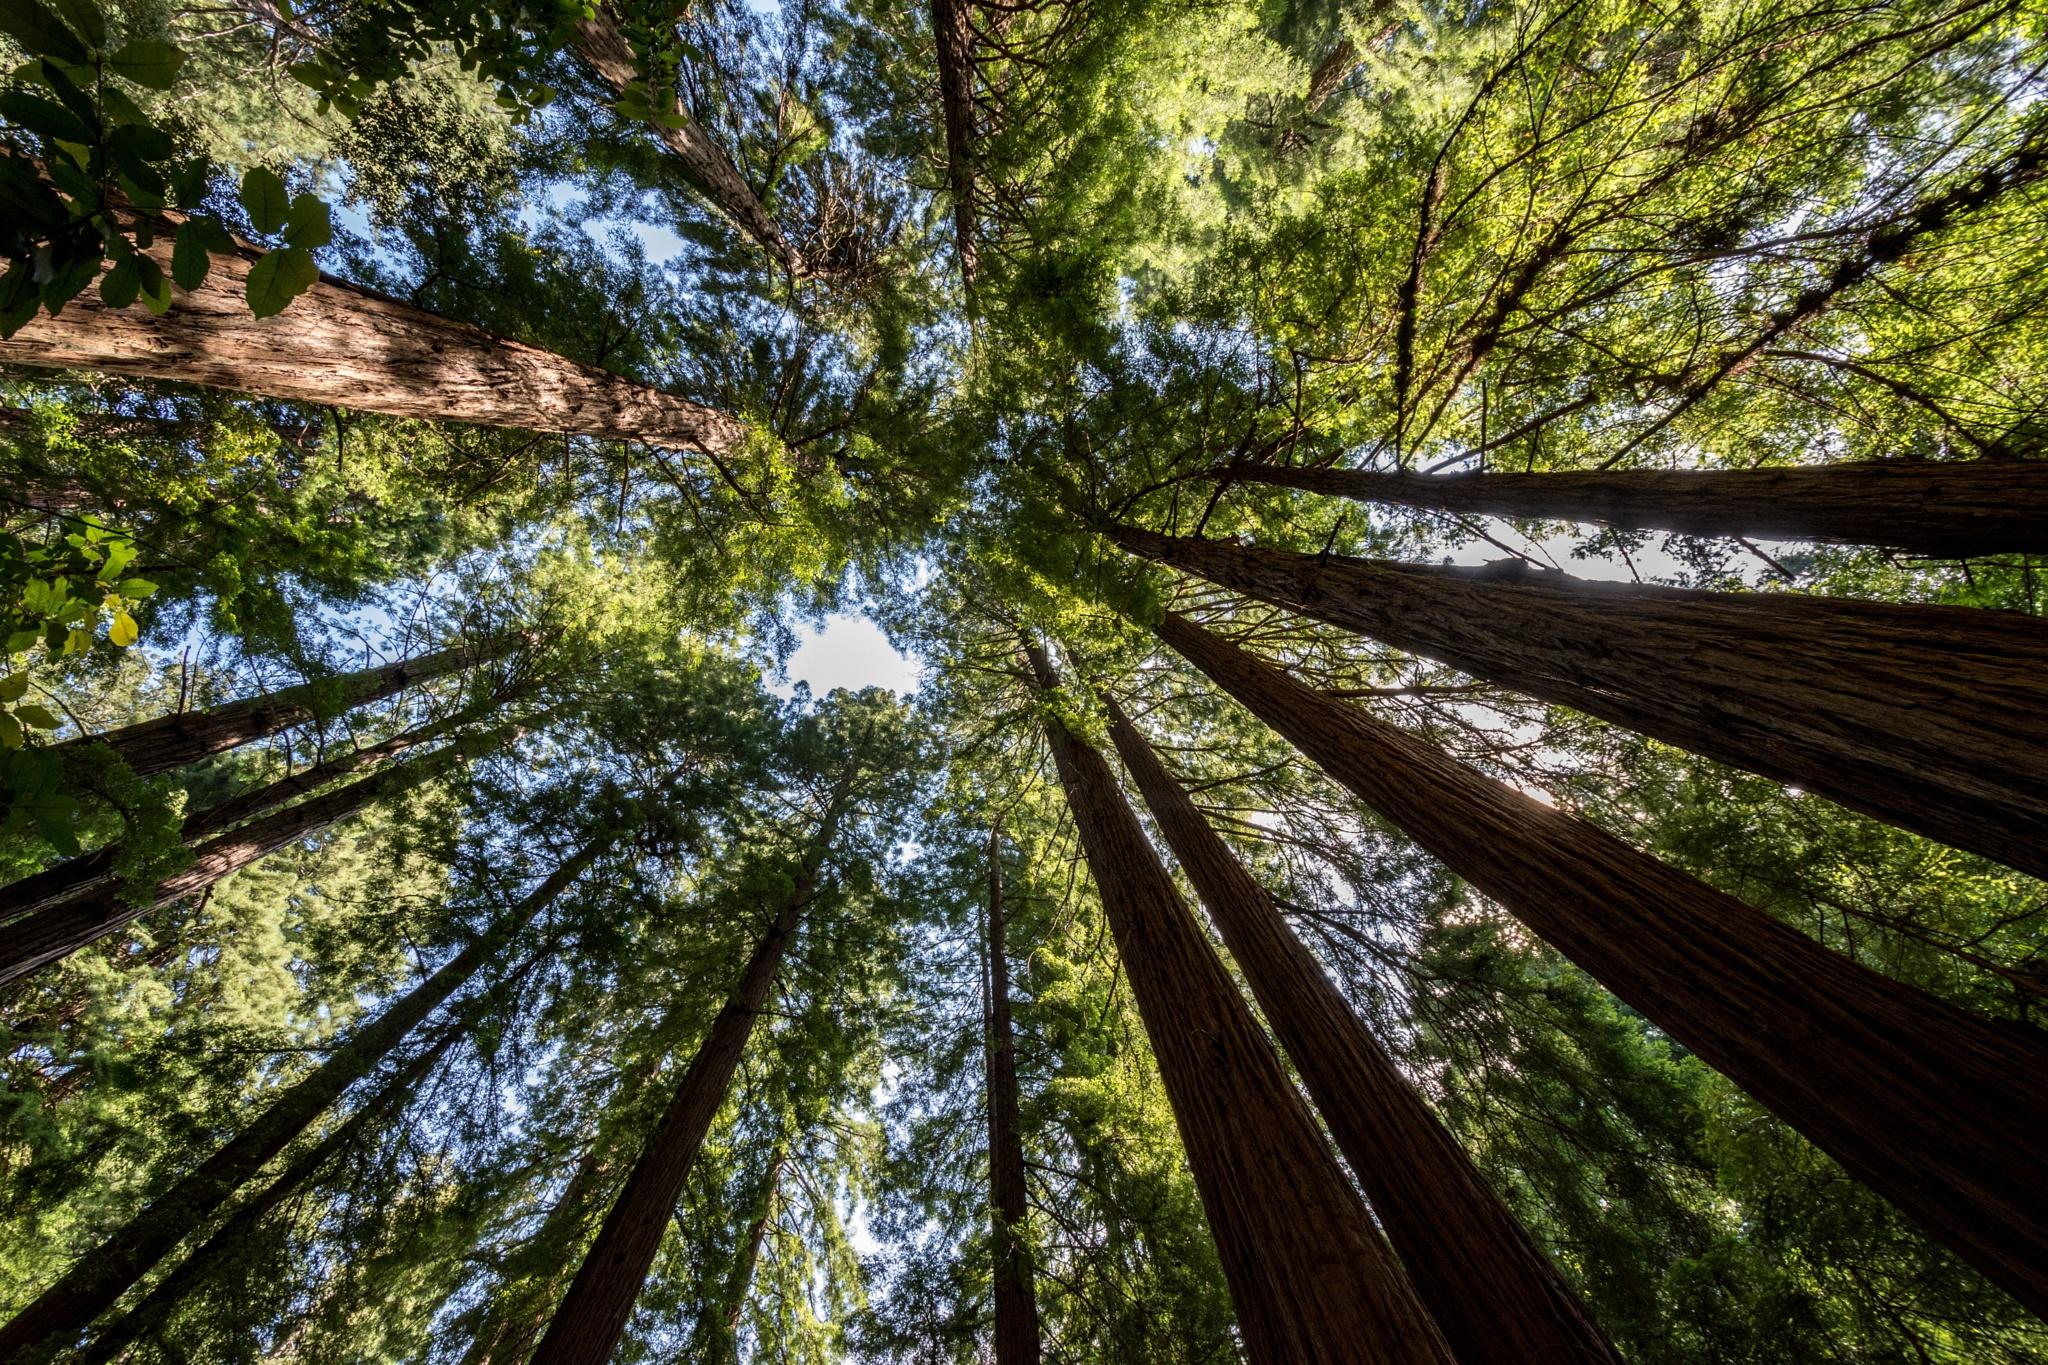 Treescape by John Schneyer